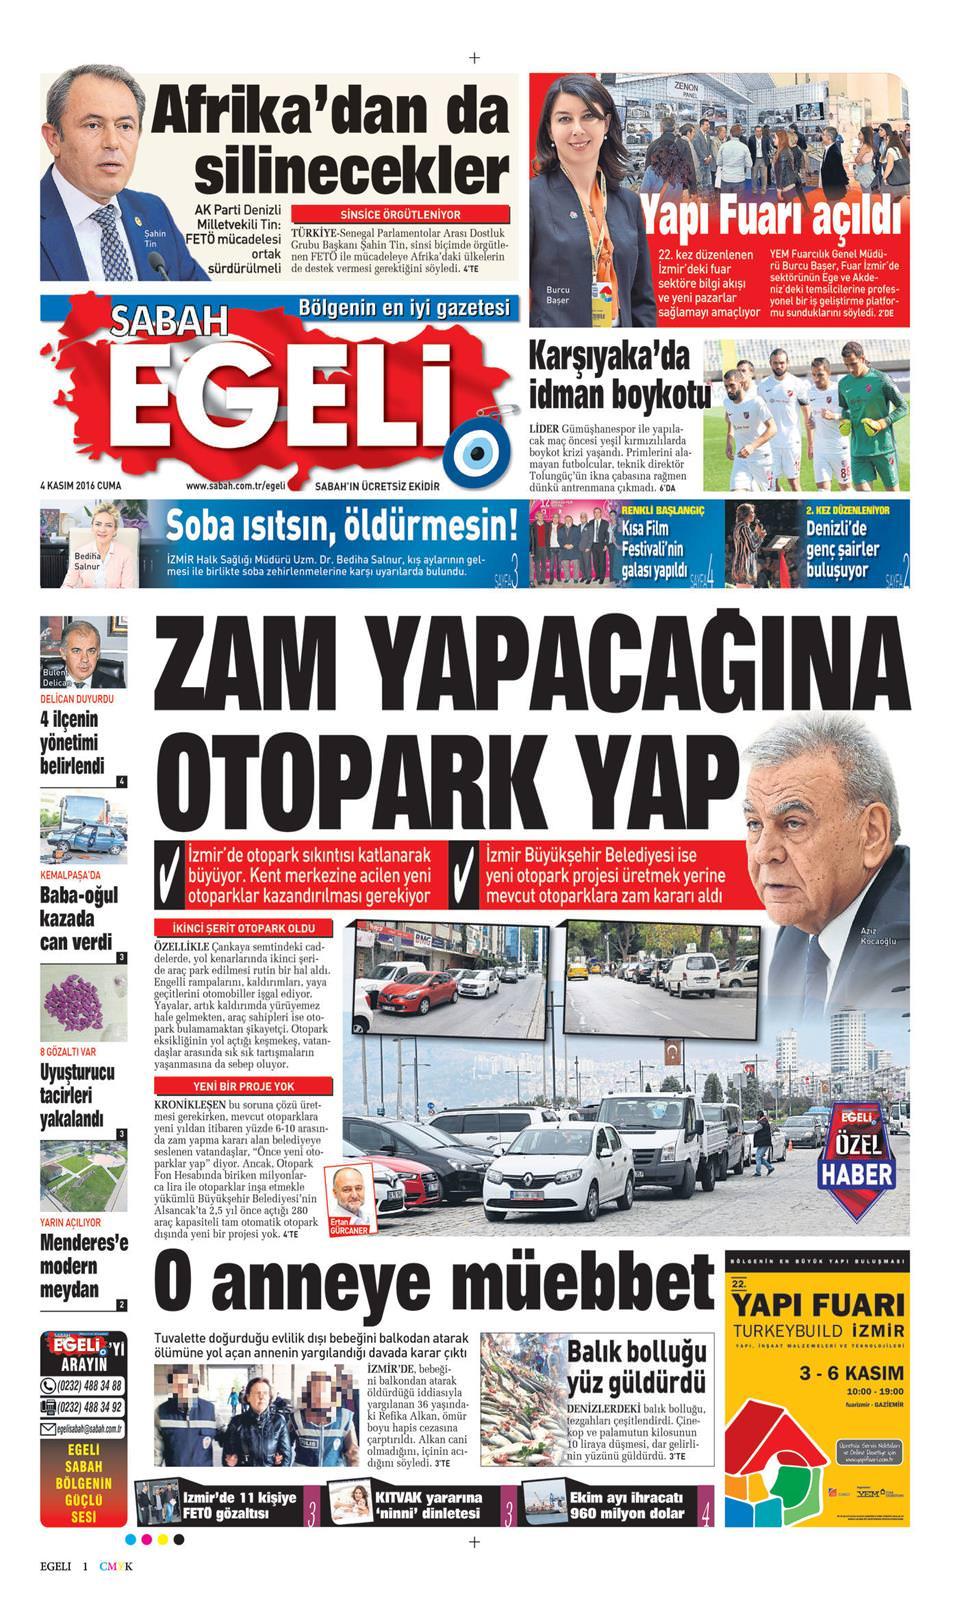 05 Nisan 2019 Cuma Sabah Egeli Gazetesi Manşet